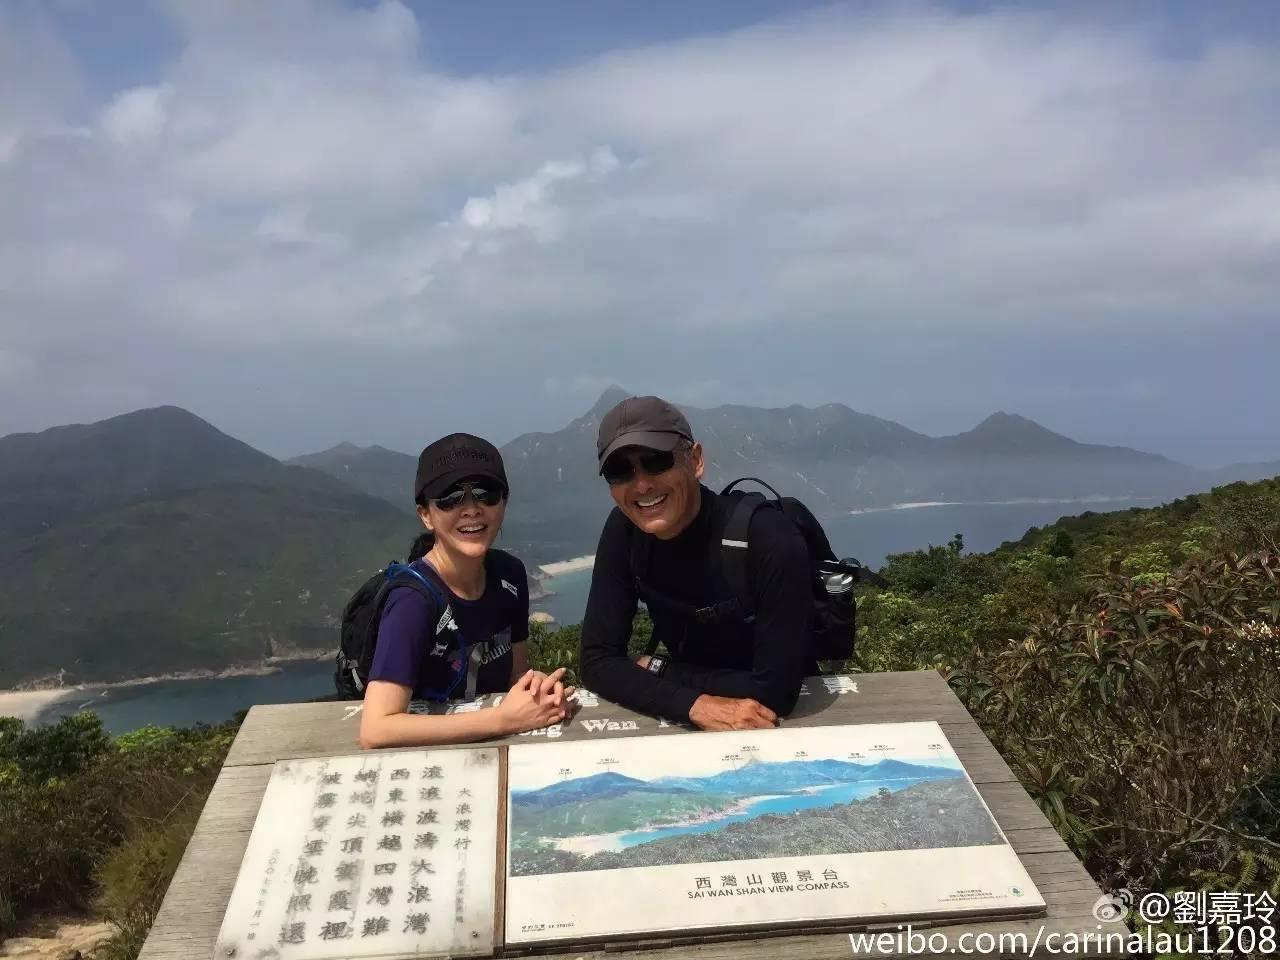 亚洲八大史诗级徒步路线,中国一口气贡献了两条